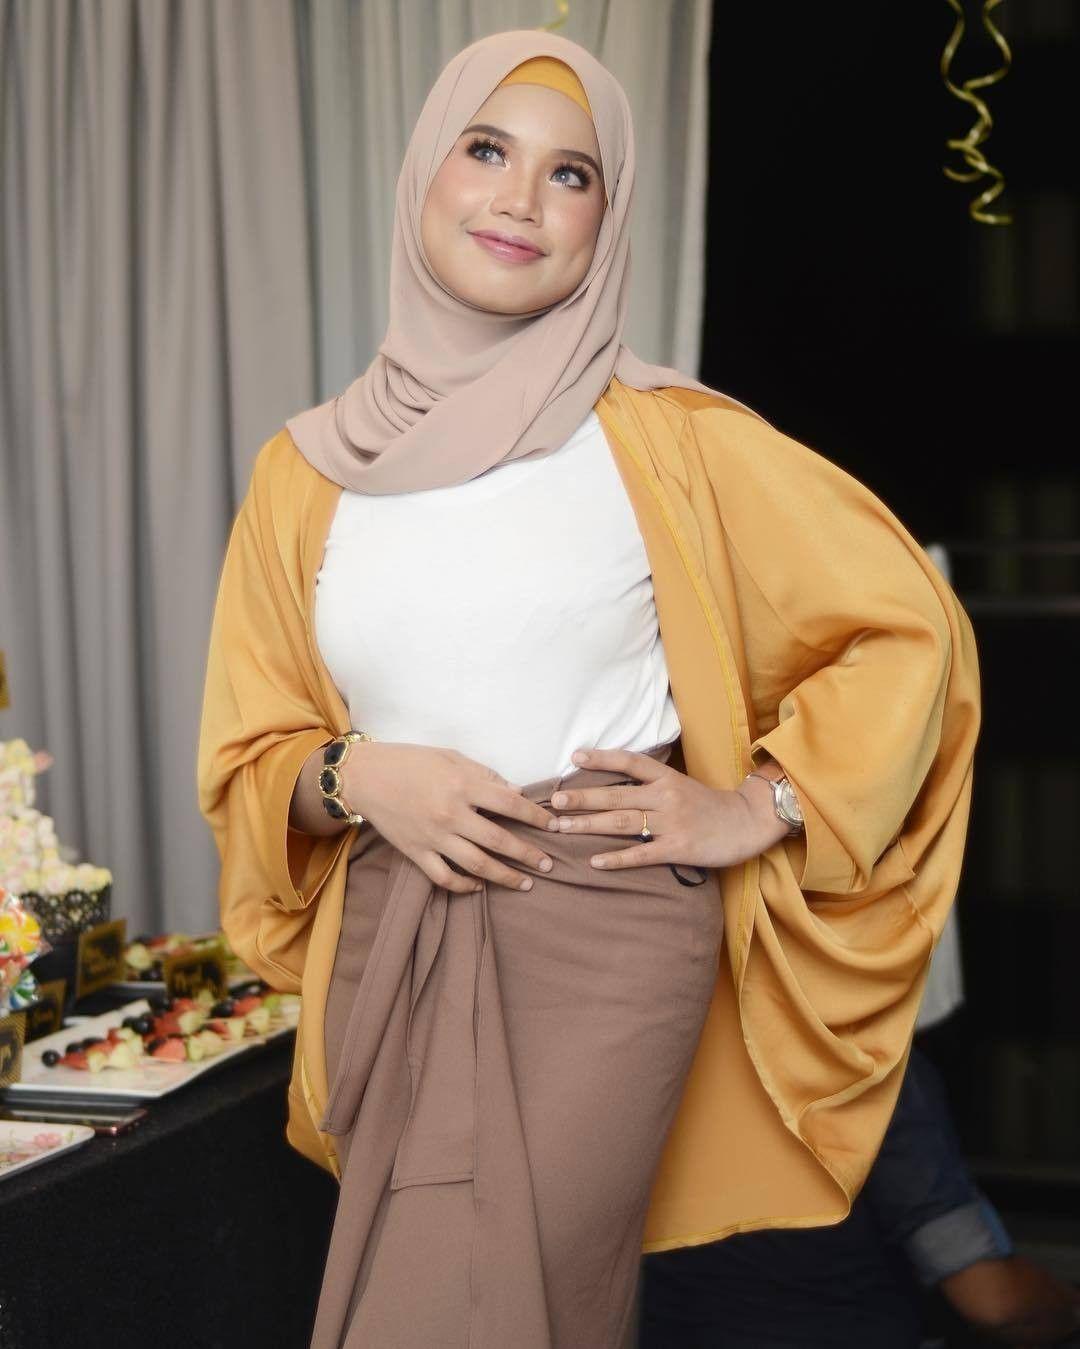 Pin By Mgpa Pprkl Rpss On Baju Kurungsongket Pinterest Kurung Barbie Life Hijab Fashion Style 1903b42590a1b381feb592c656b3aebe